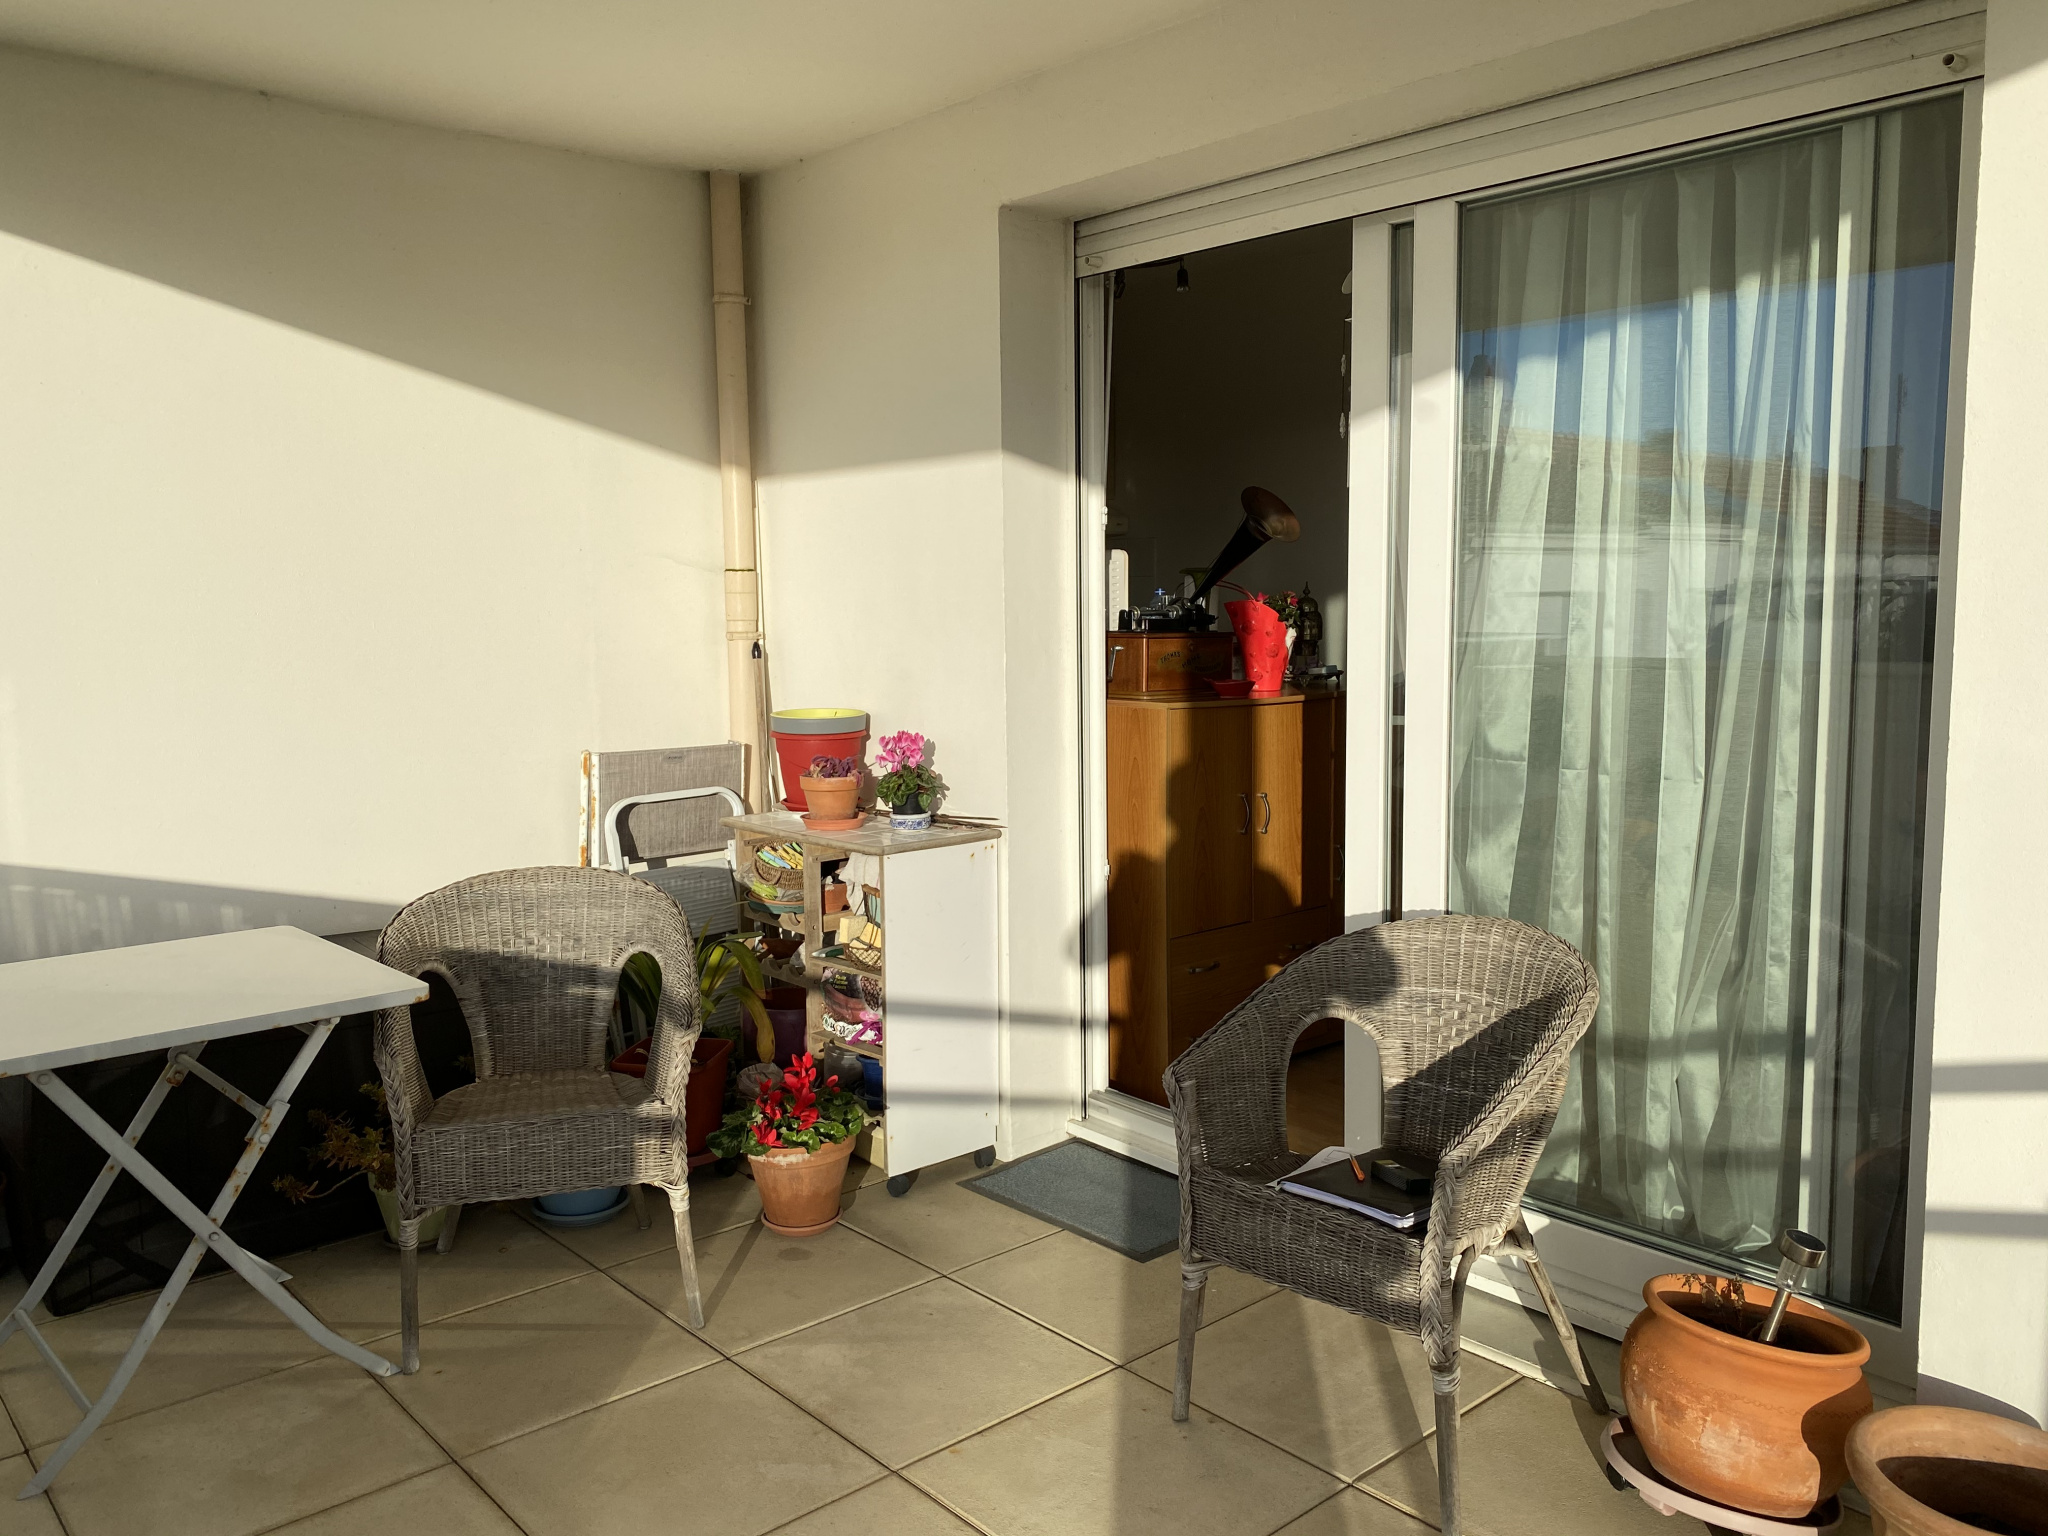 appartement la rochelle LA ROCHELLE - TYPE 2 AVEC DEUX TERRASSES